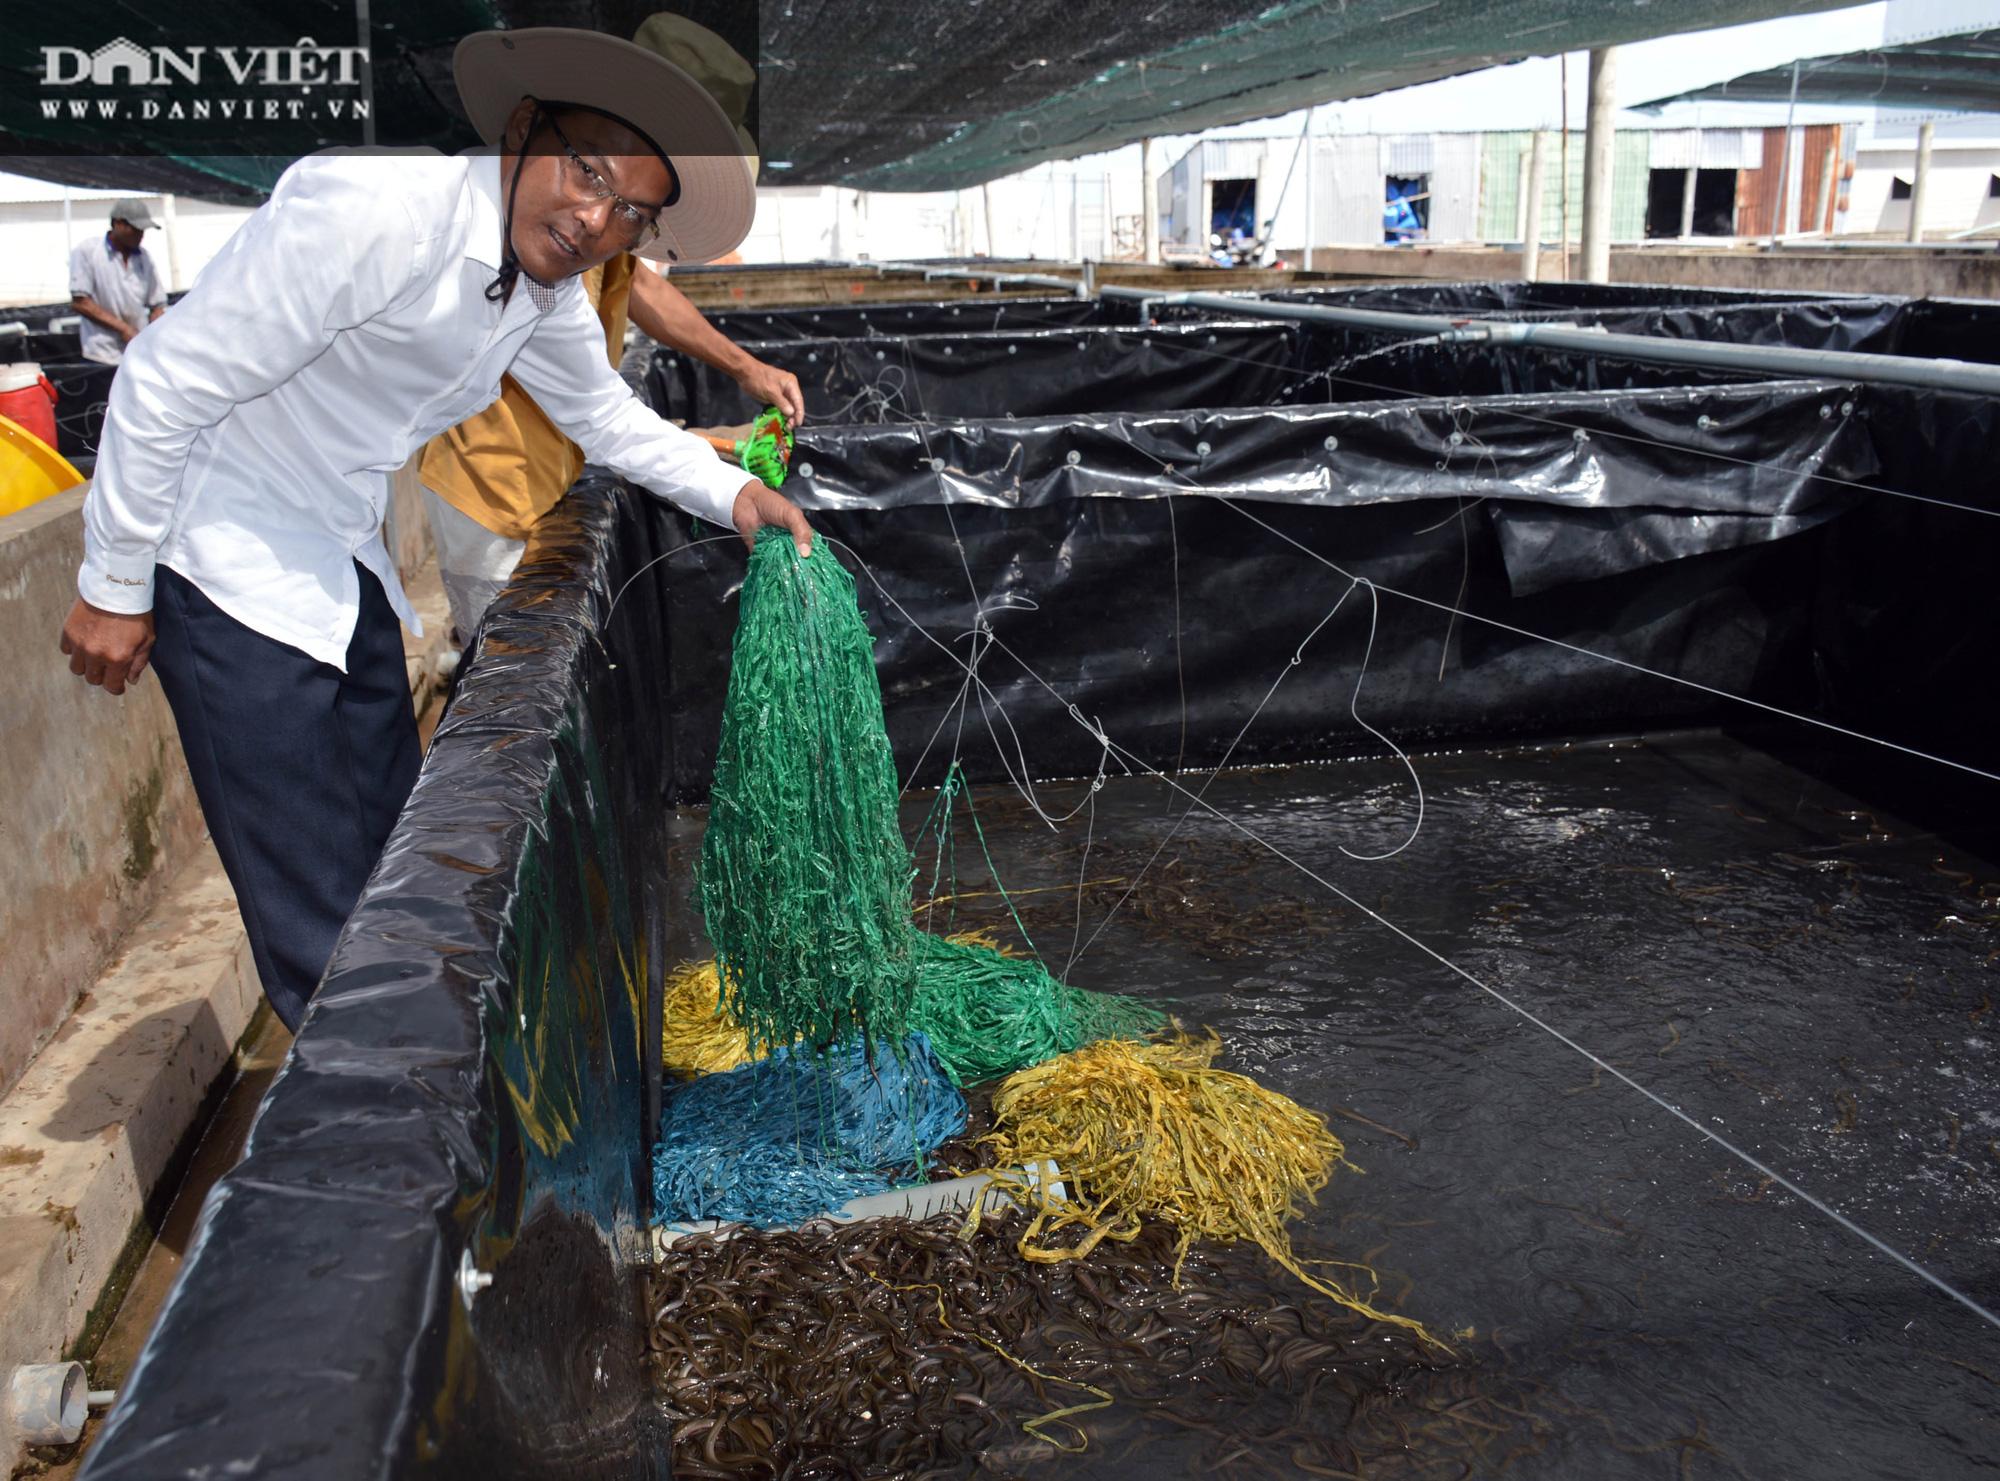 Chàng tỷ phú nông dân nuôi lươn không bùn công nghệ cao, thu lãi 40-50%/vụ - Ảnh 3.